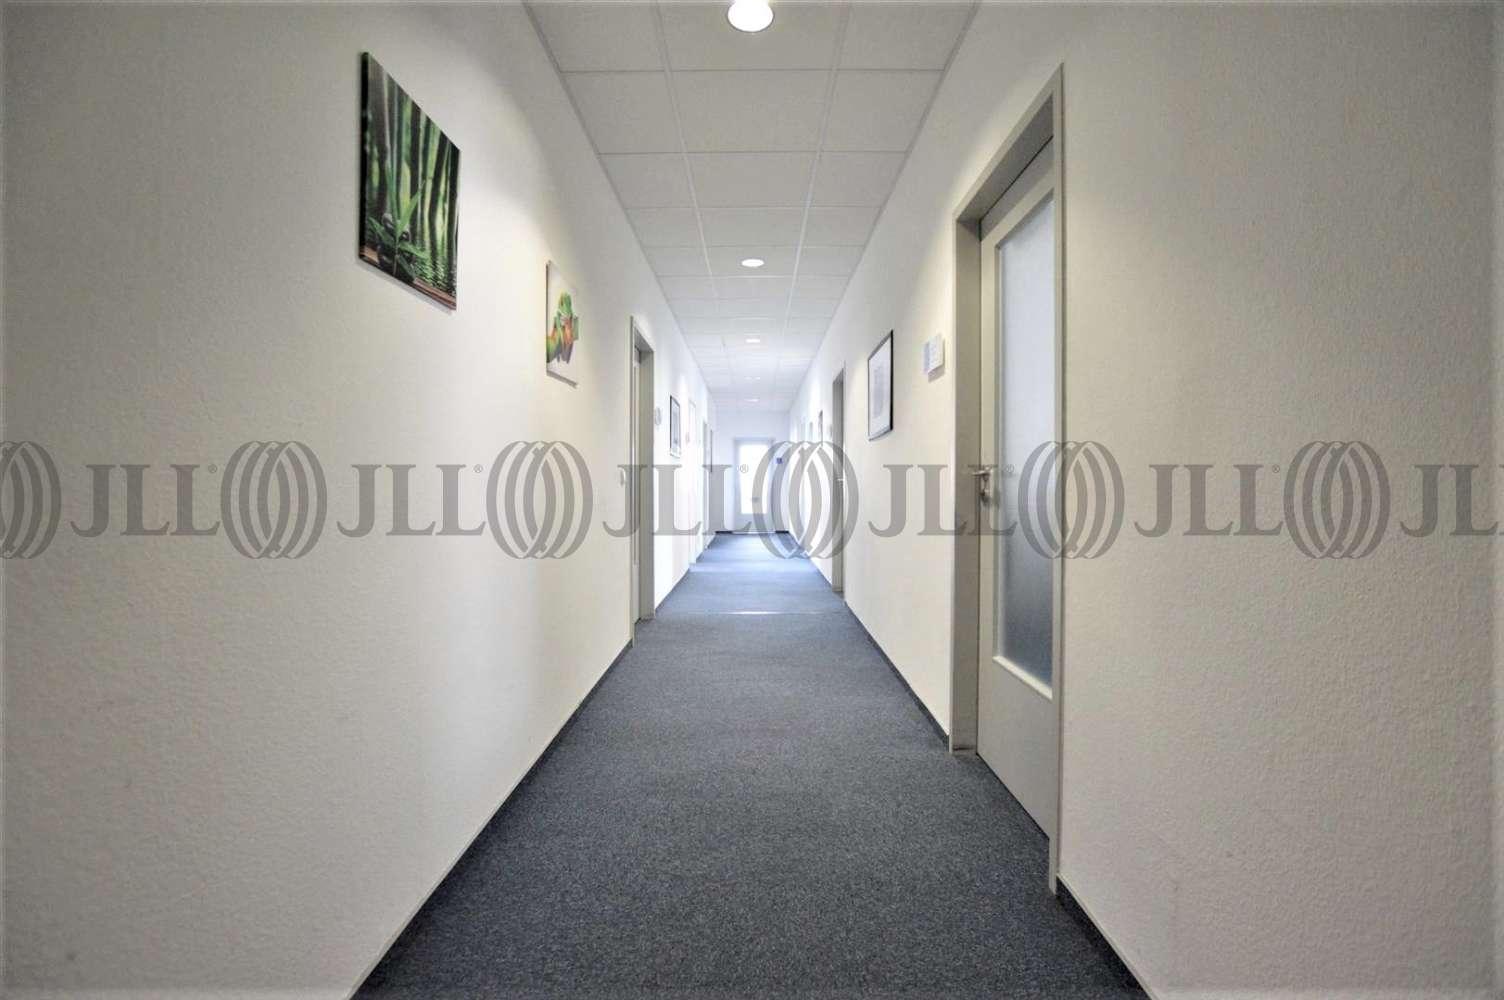 Büros Aachen, 52068 - Büro - Aachen - K0821 - 10372134